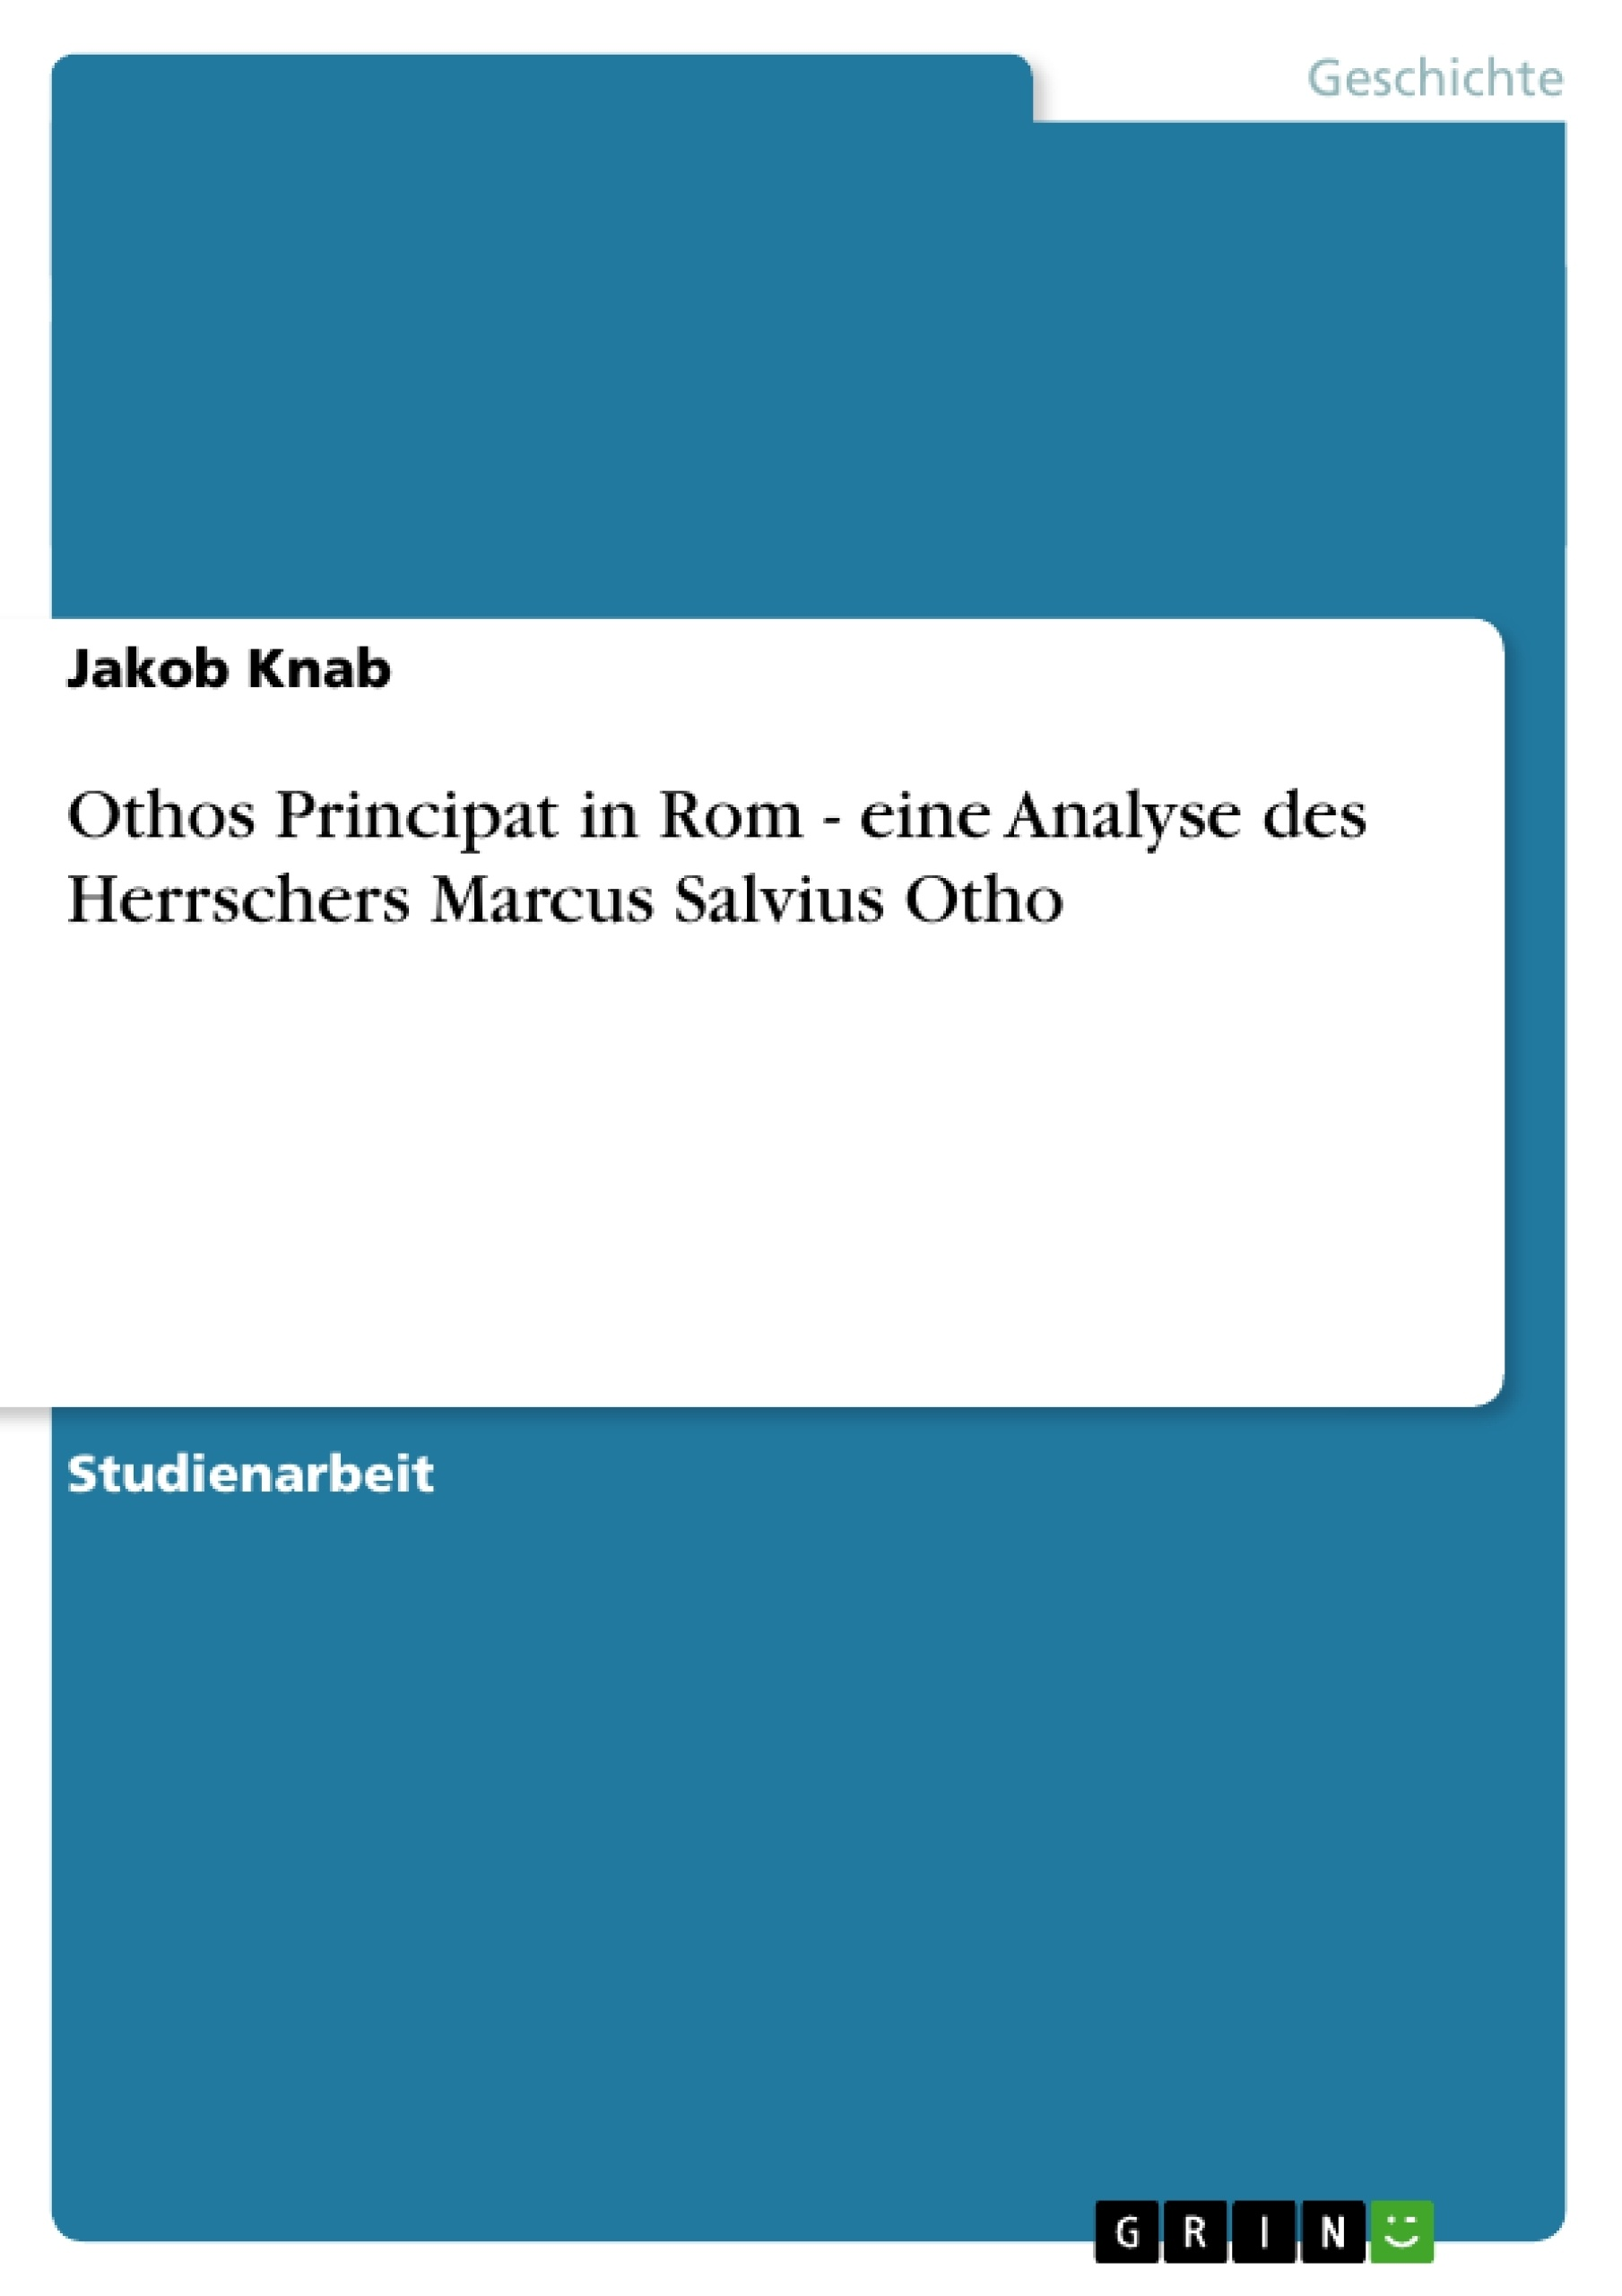 Titel: Othos Principat in Rom - eine Analyse des Herrschers Marcus Salvius Otho